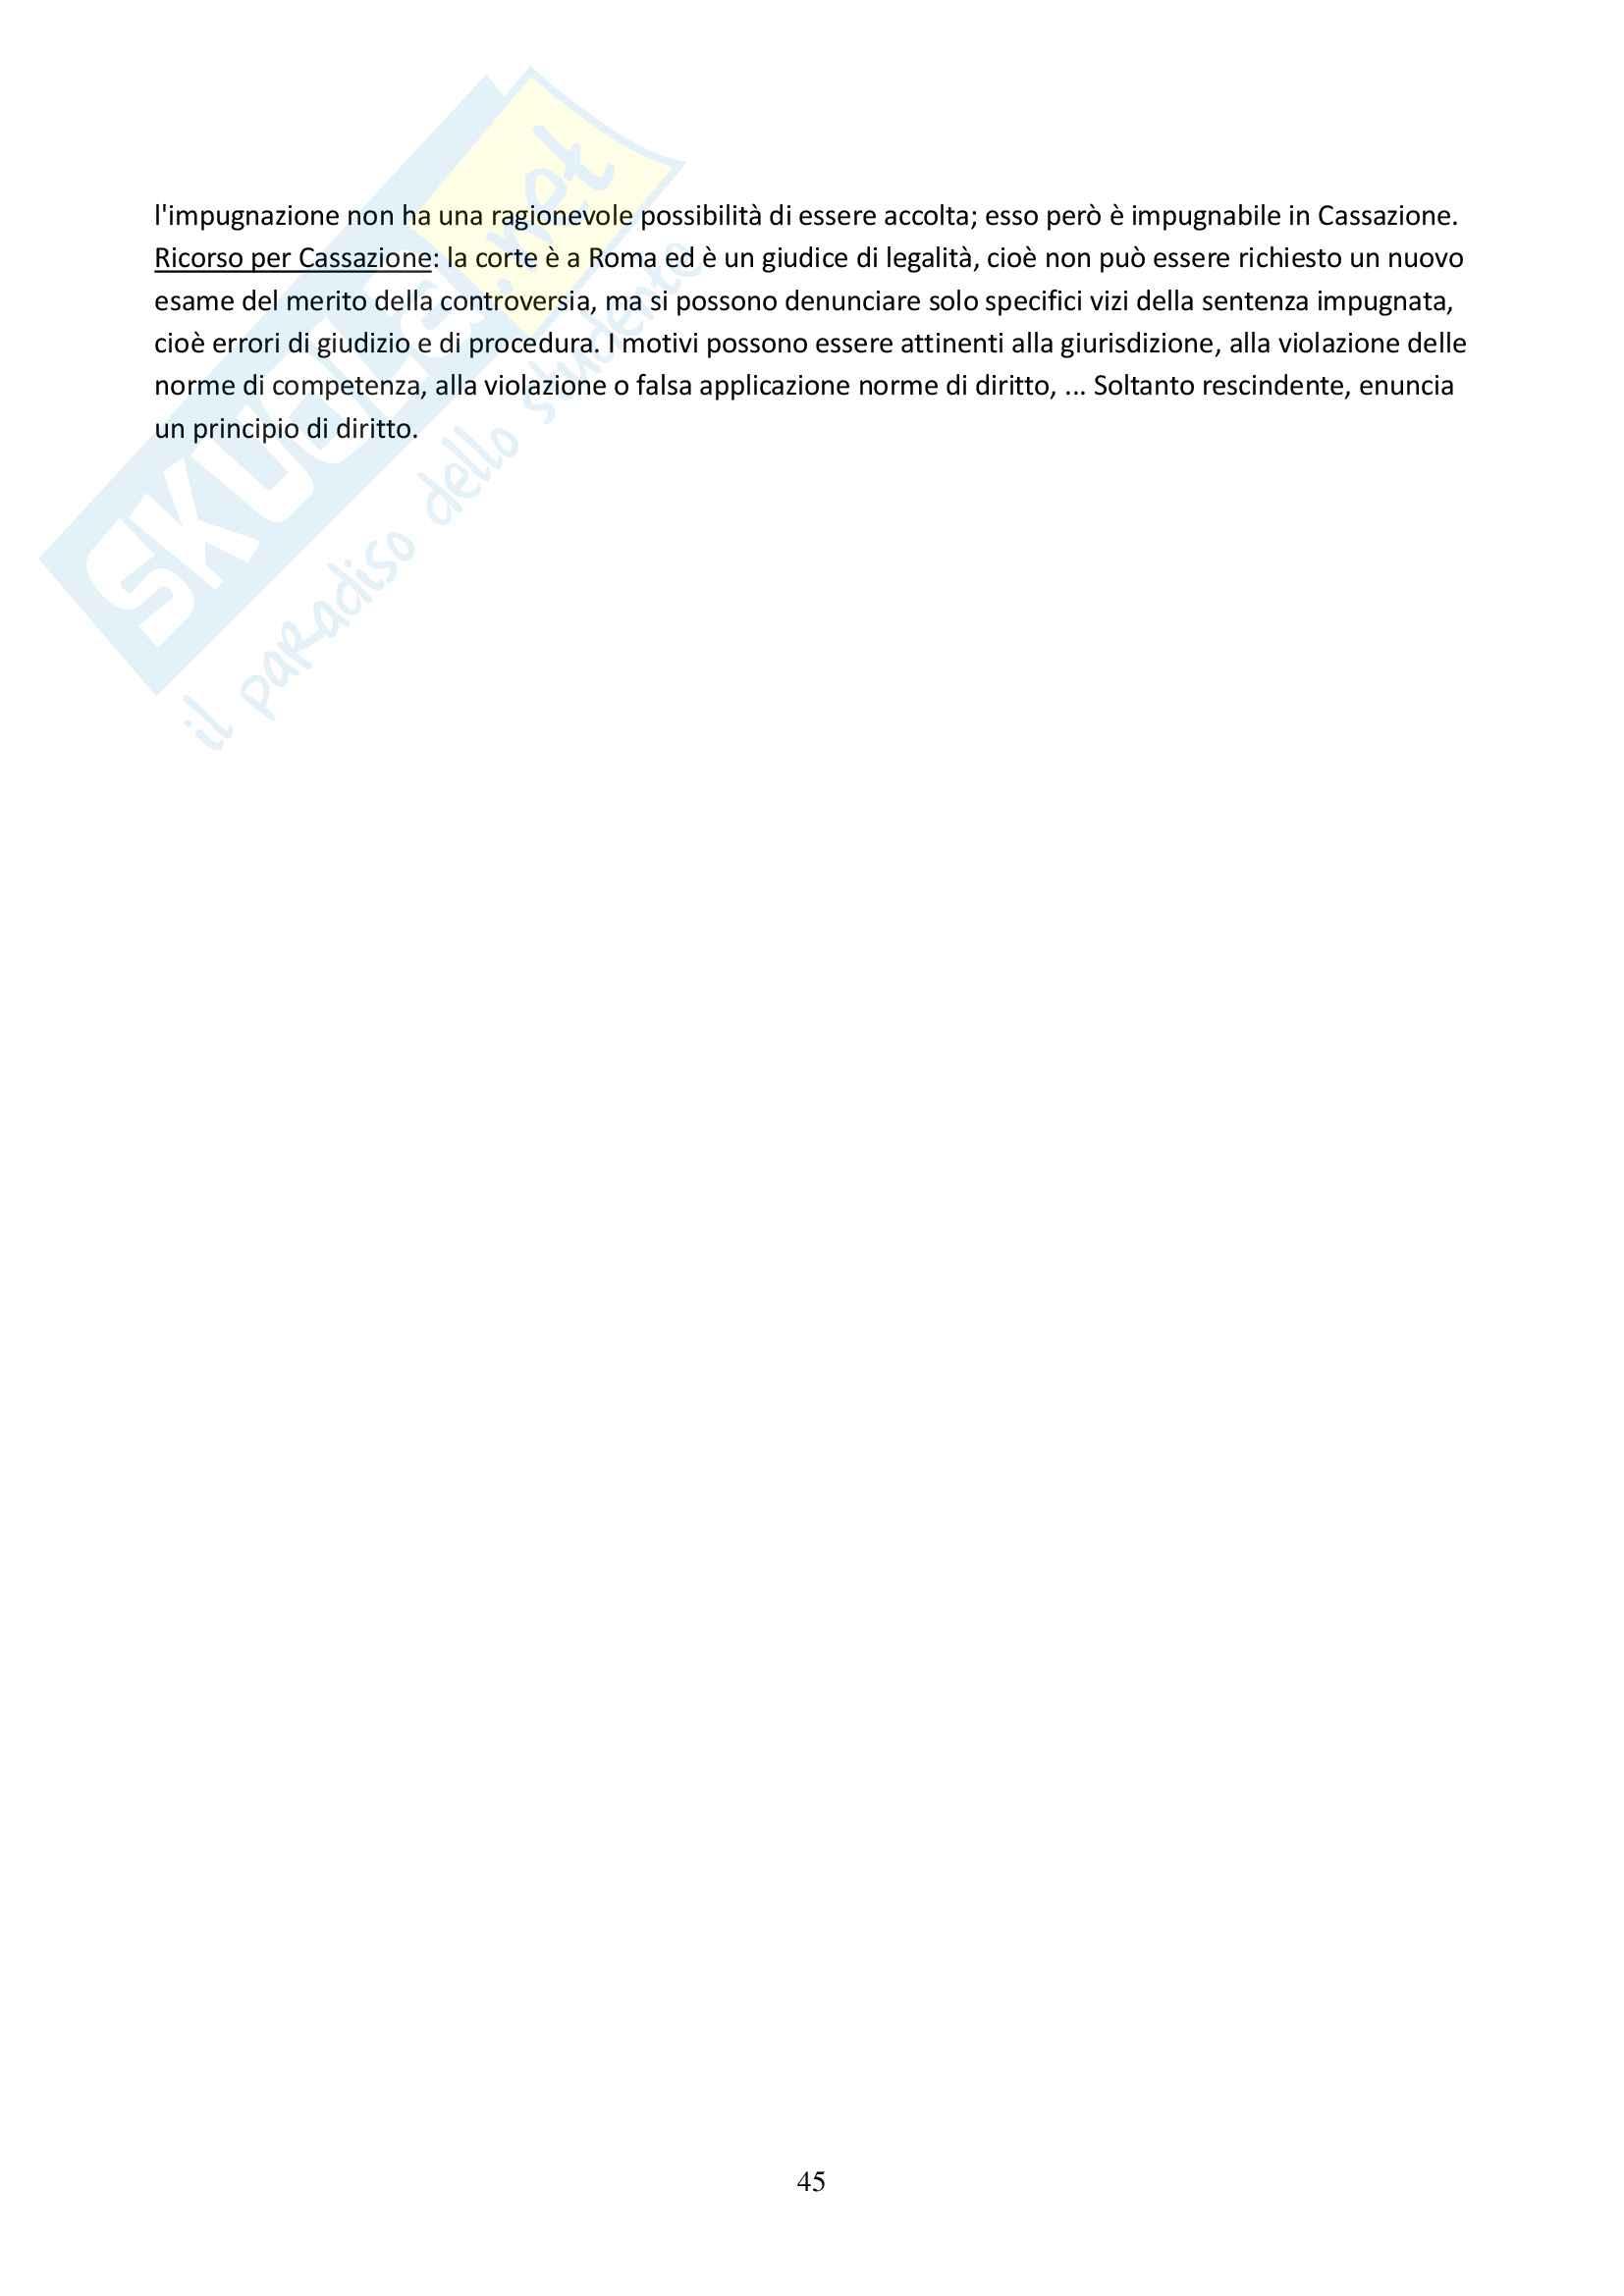 Appunti delle lezioni di Diritto Processuale Civile del Prof. Filippo Corsini, Anno Accademico 2014/2015 Pag. 46